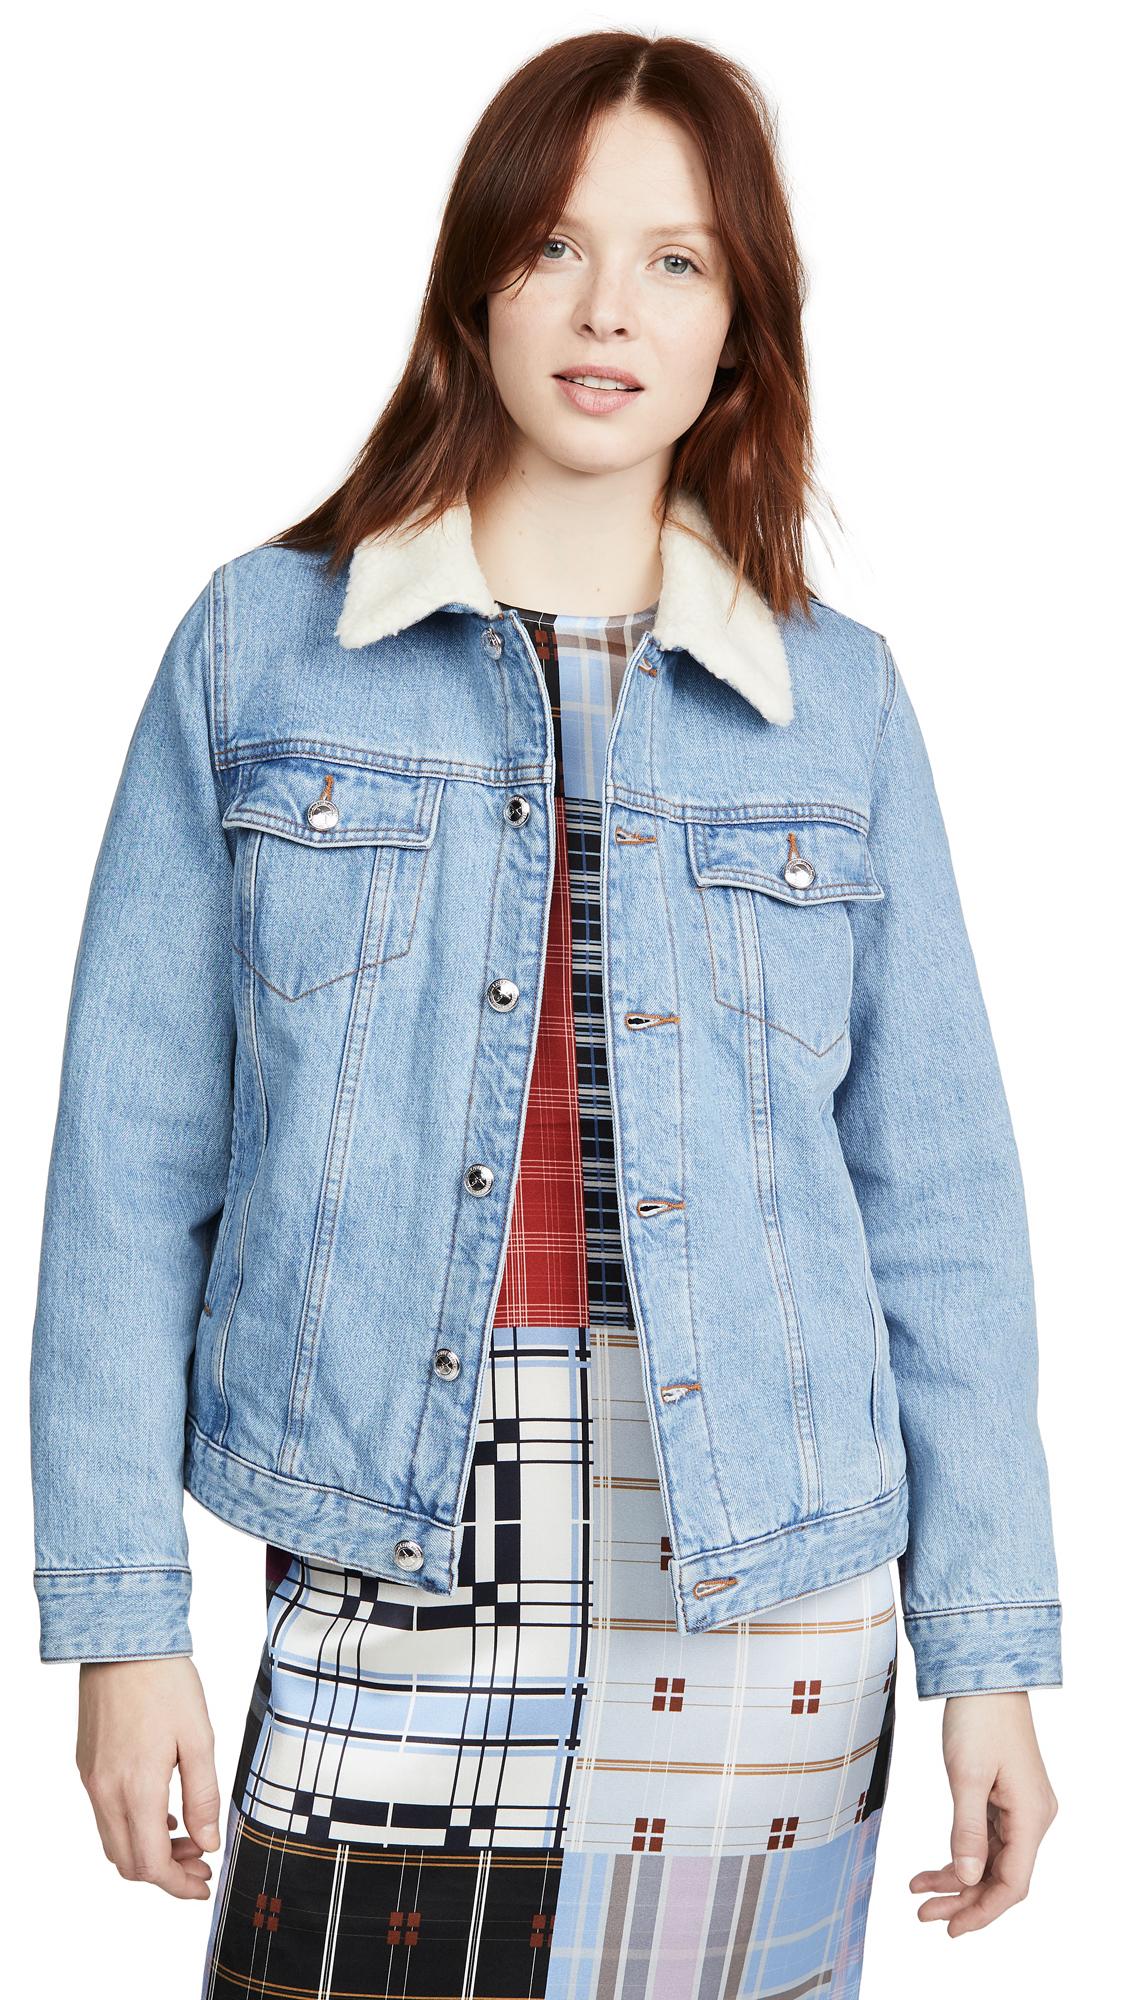 Buy A.P.C. Veste Arlette online beautiful A.P.C. Clothing, Jackets